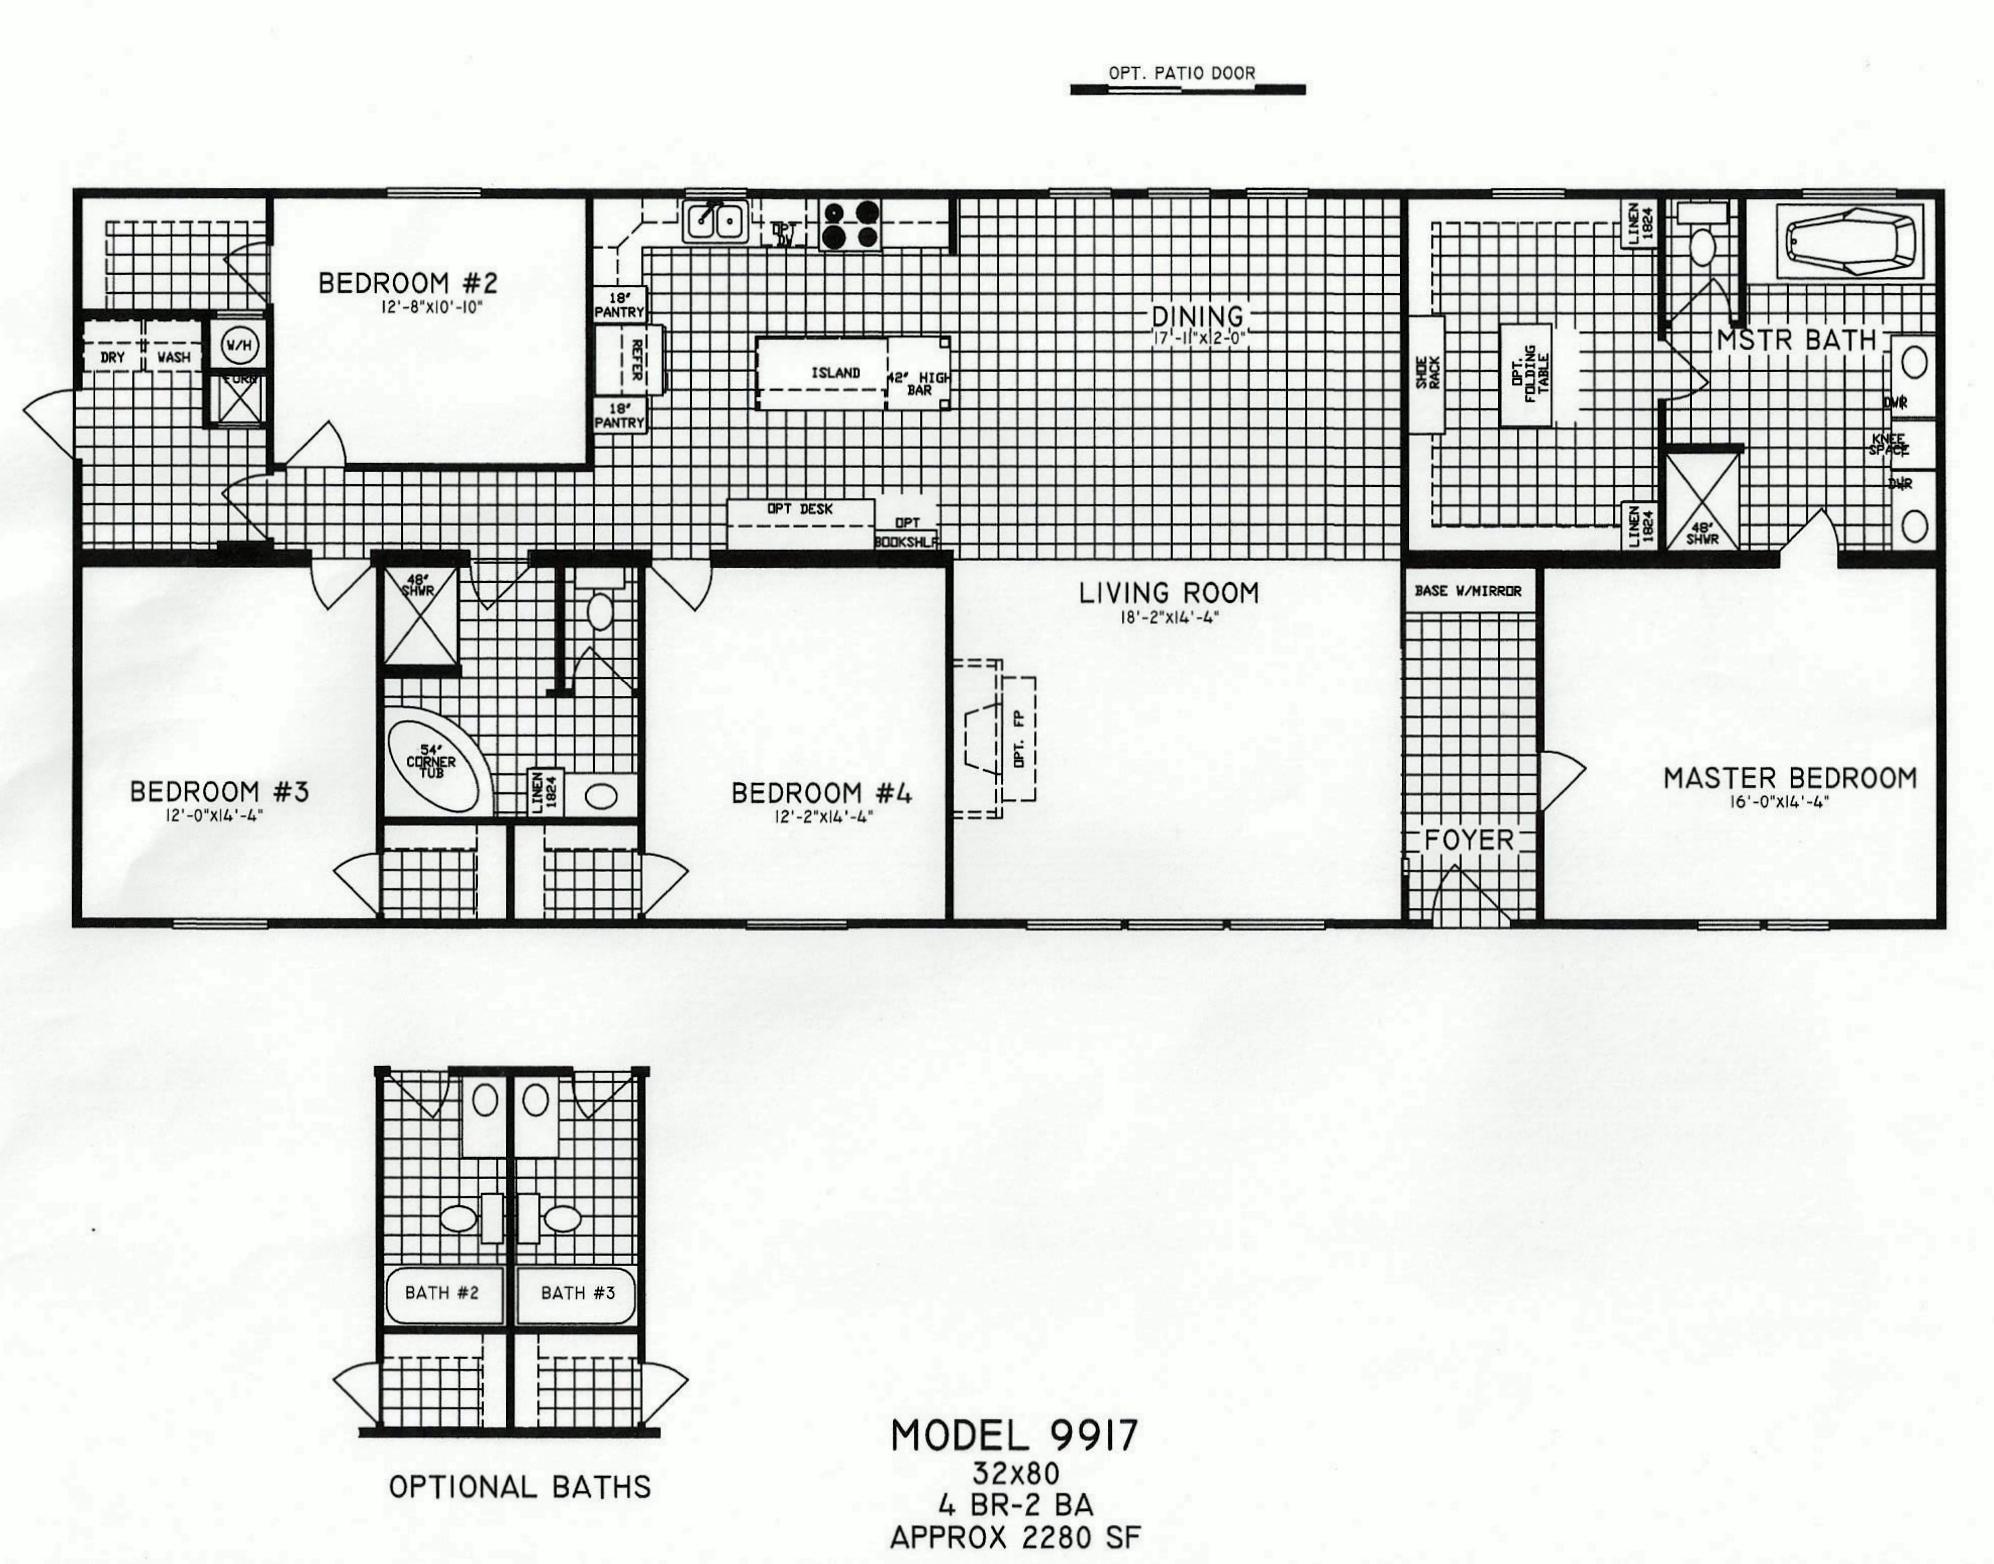 3 Bedroom Modular Floor Plans